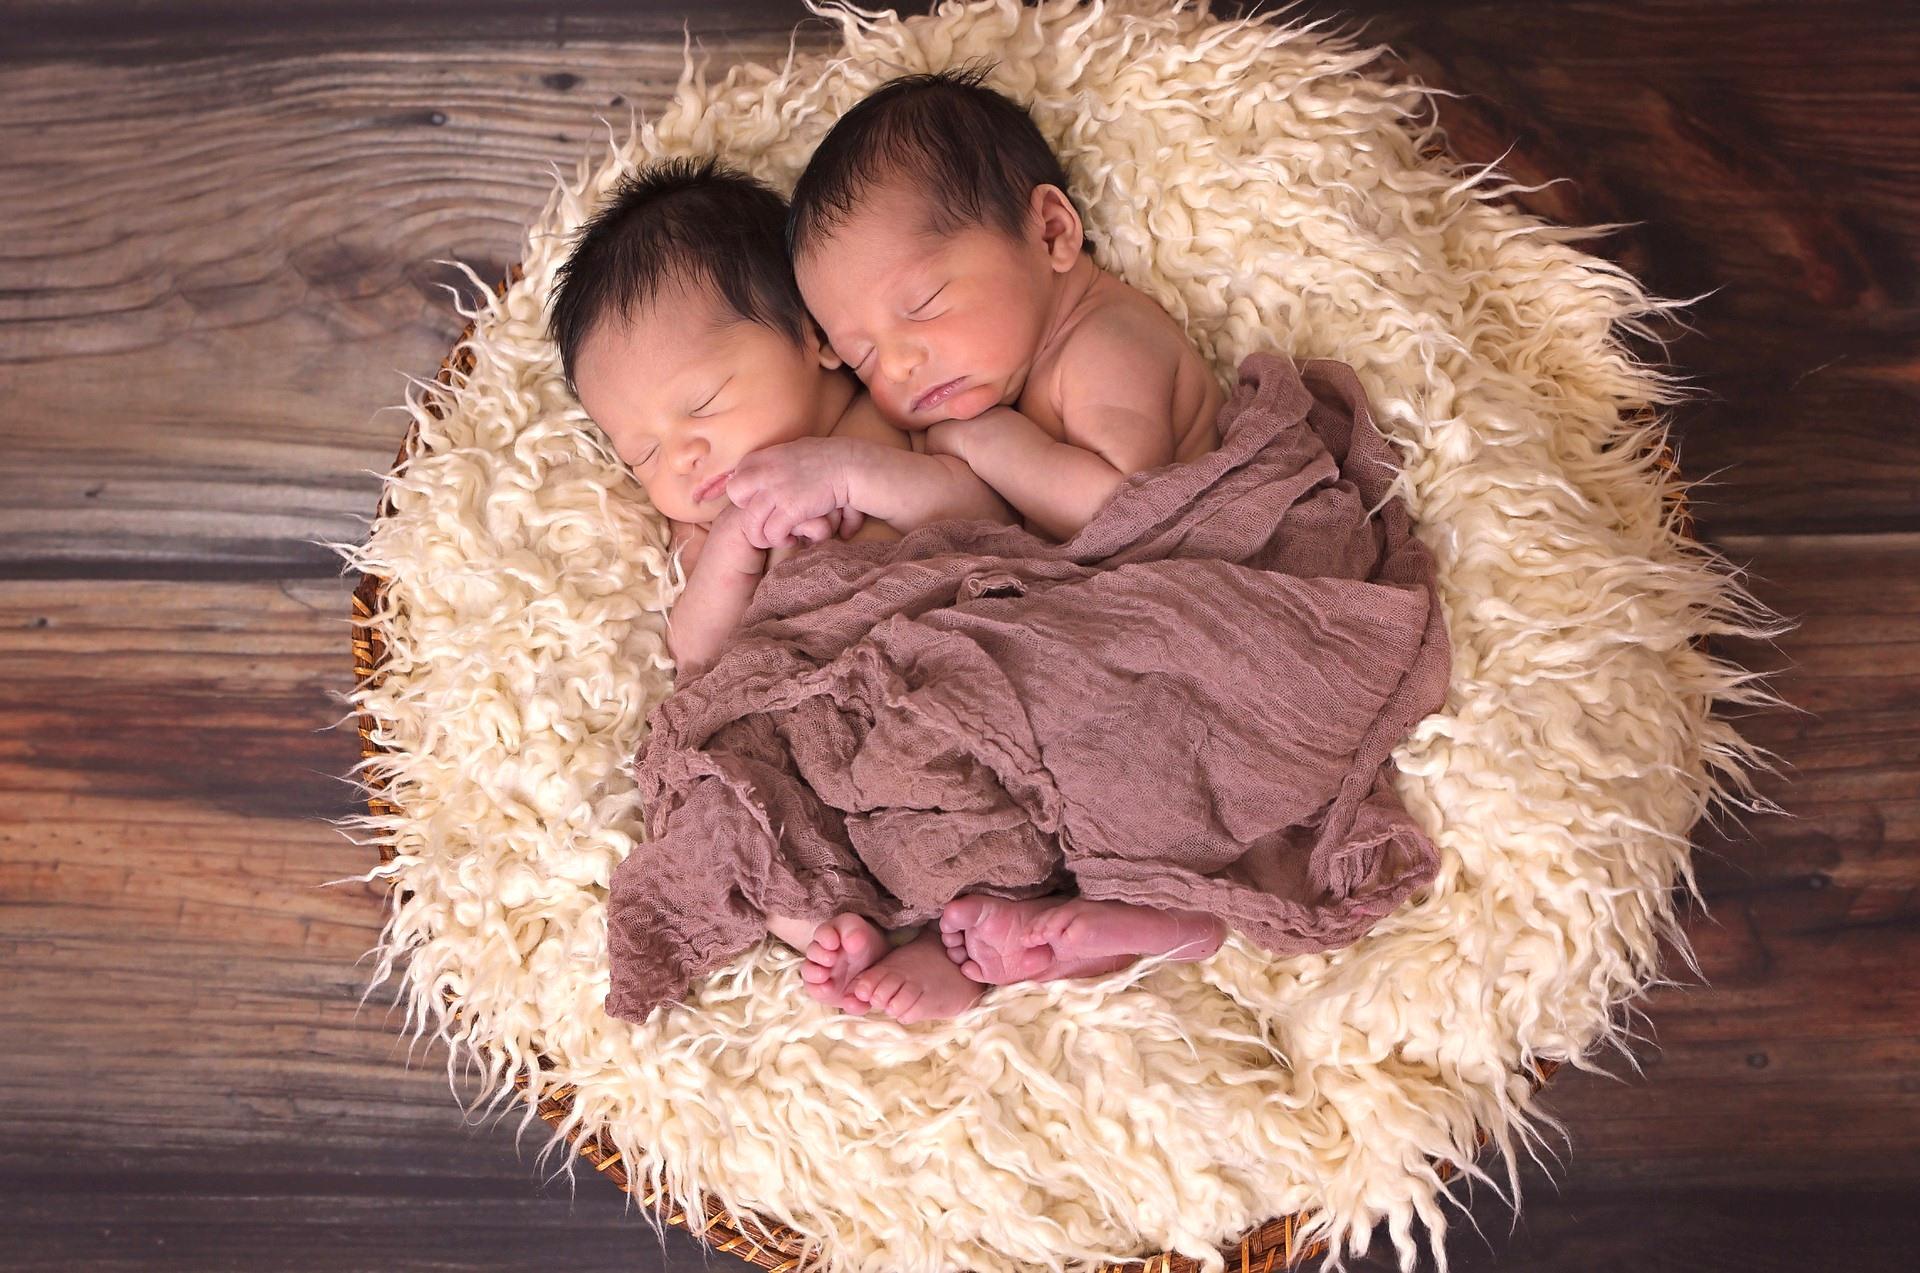 Як визначити близнюків на ранньому терміні: перевірені методи